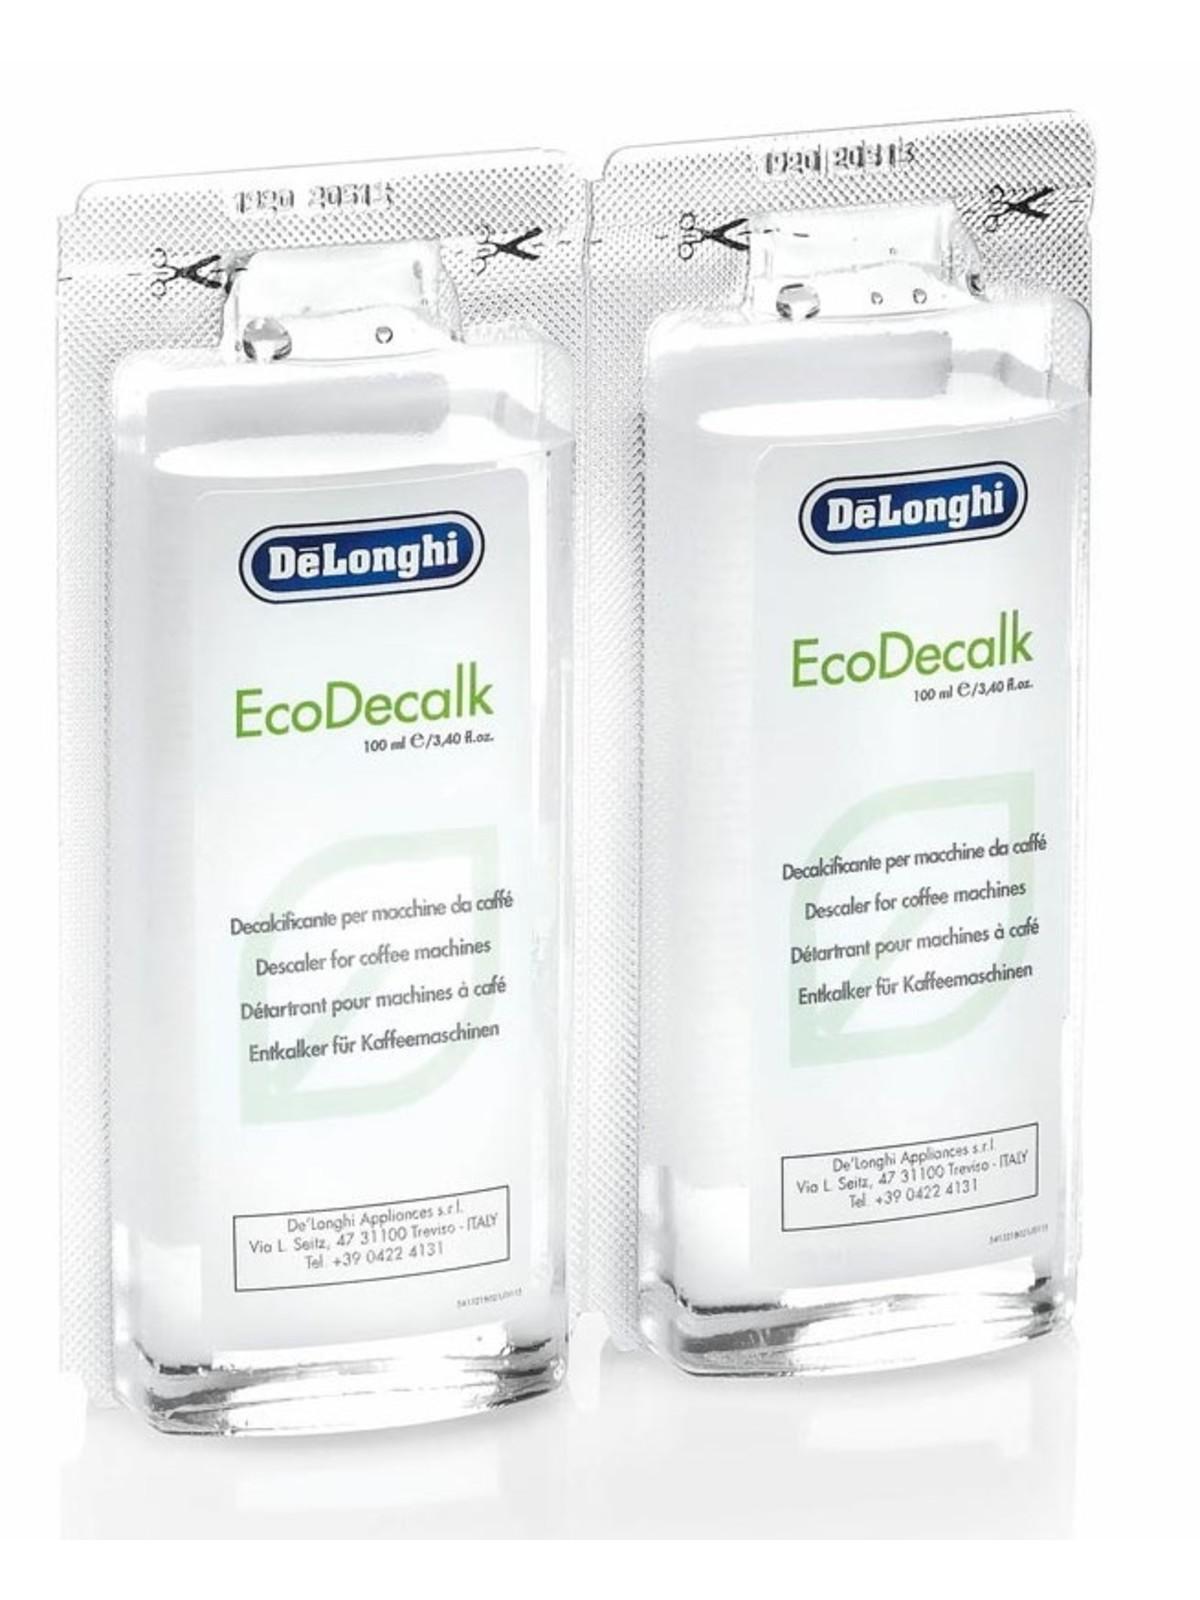 DELONGHI Descaler EcoDecalk 2 x 100ml